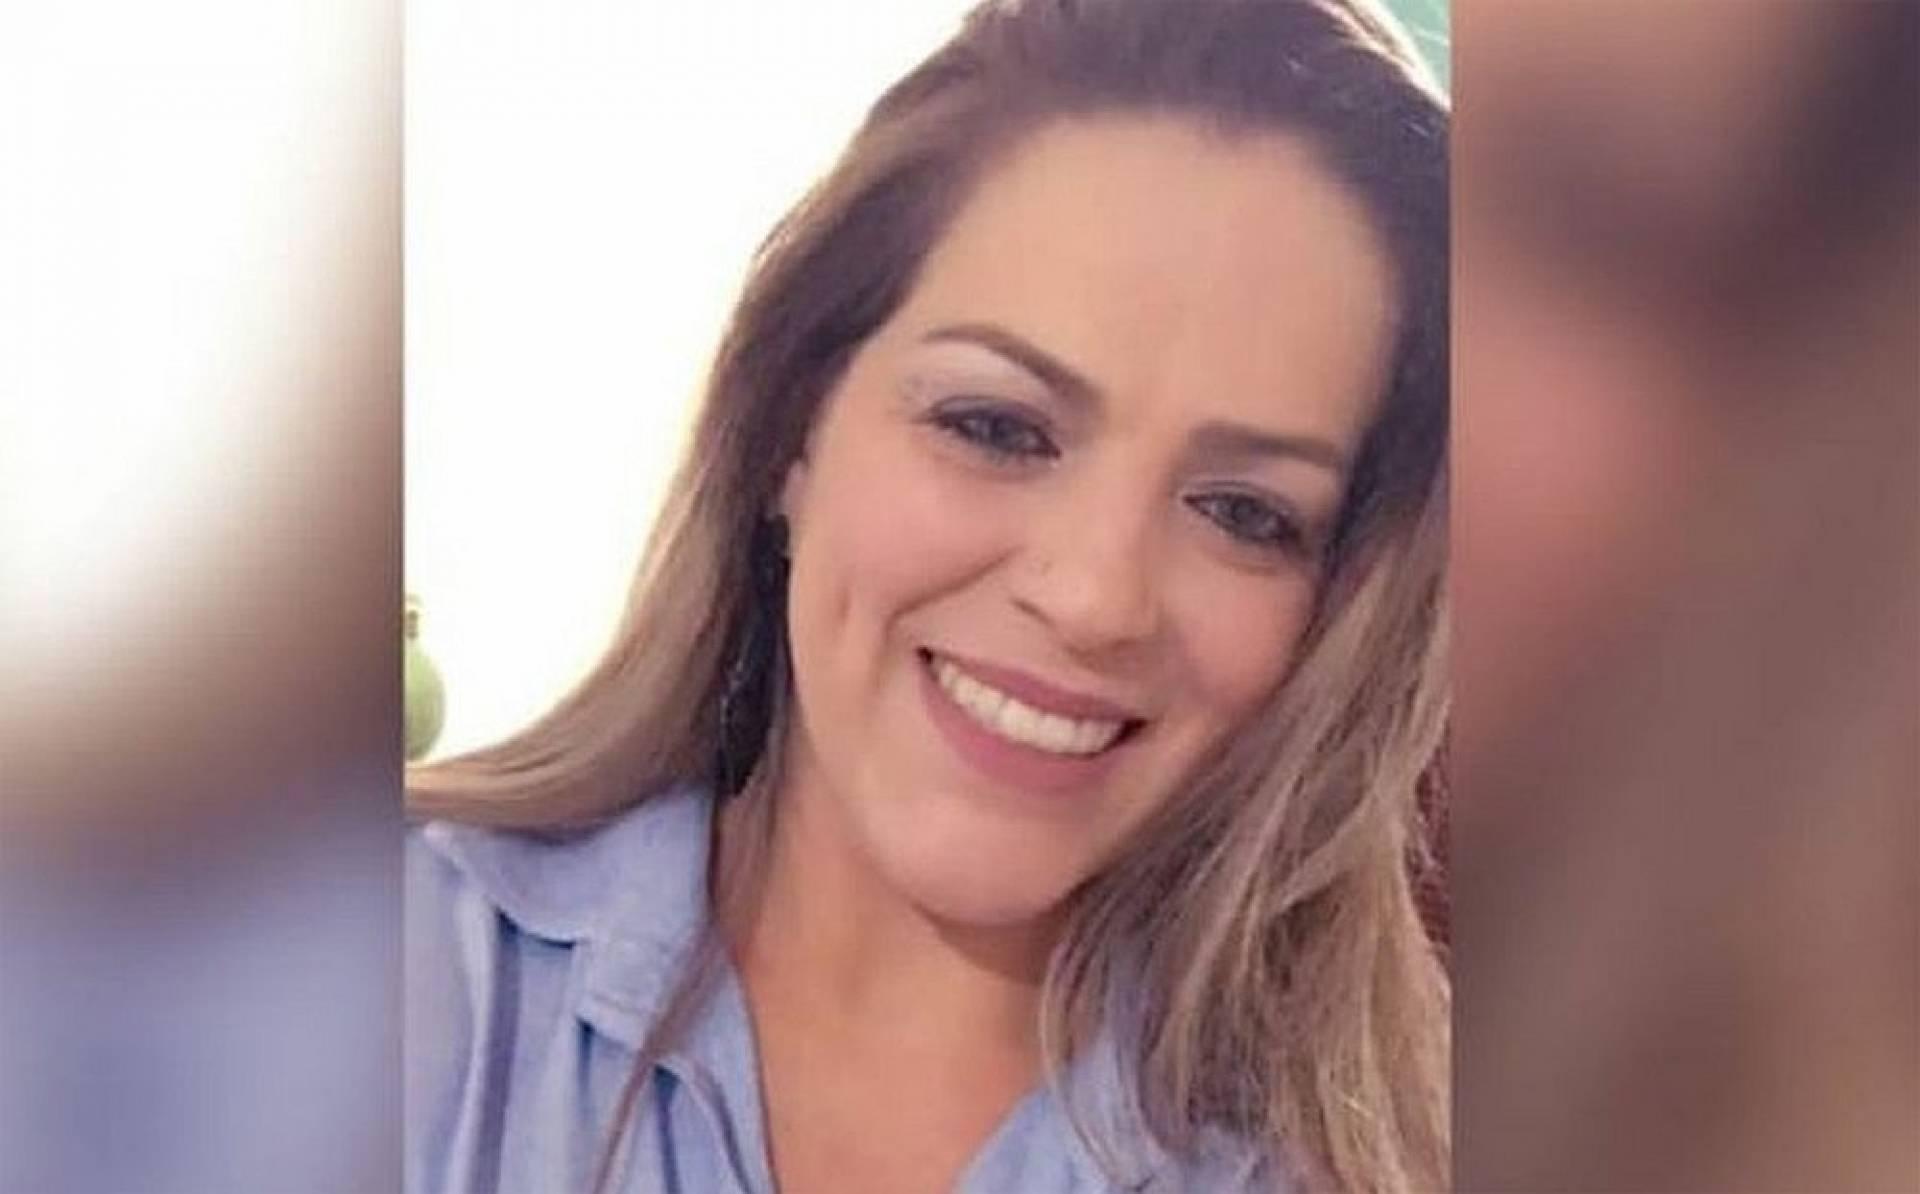 Priscila Silva Gomes